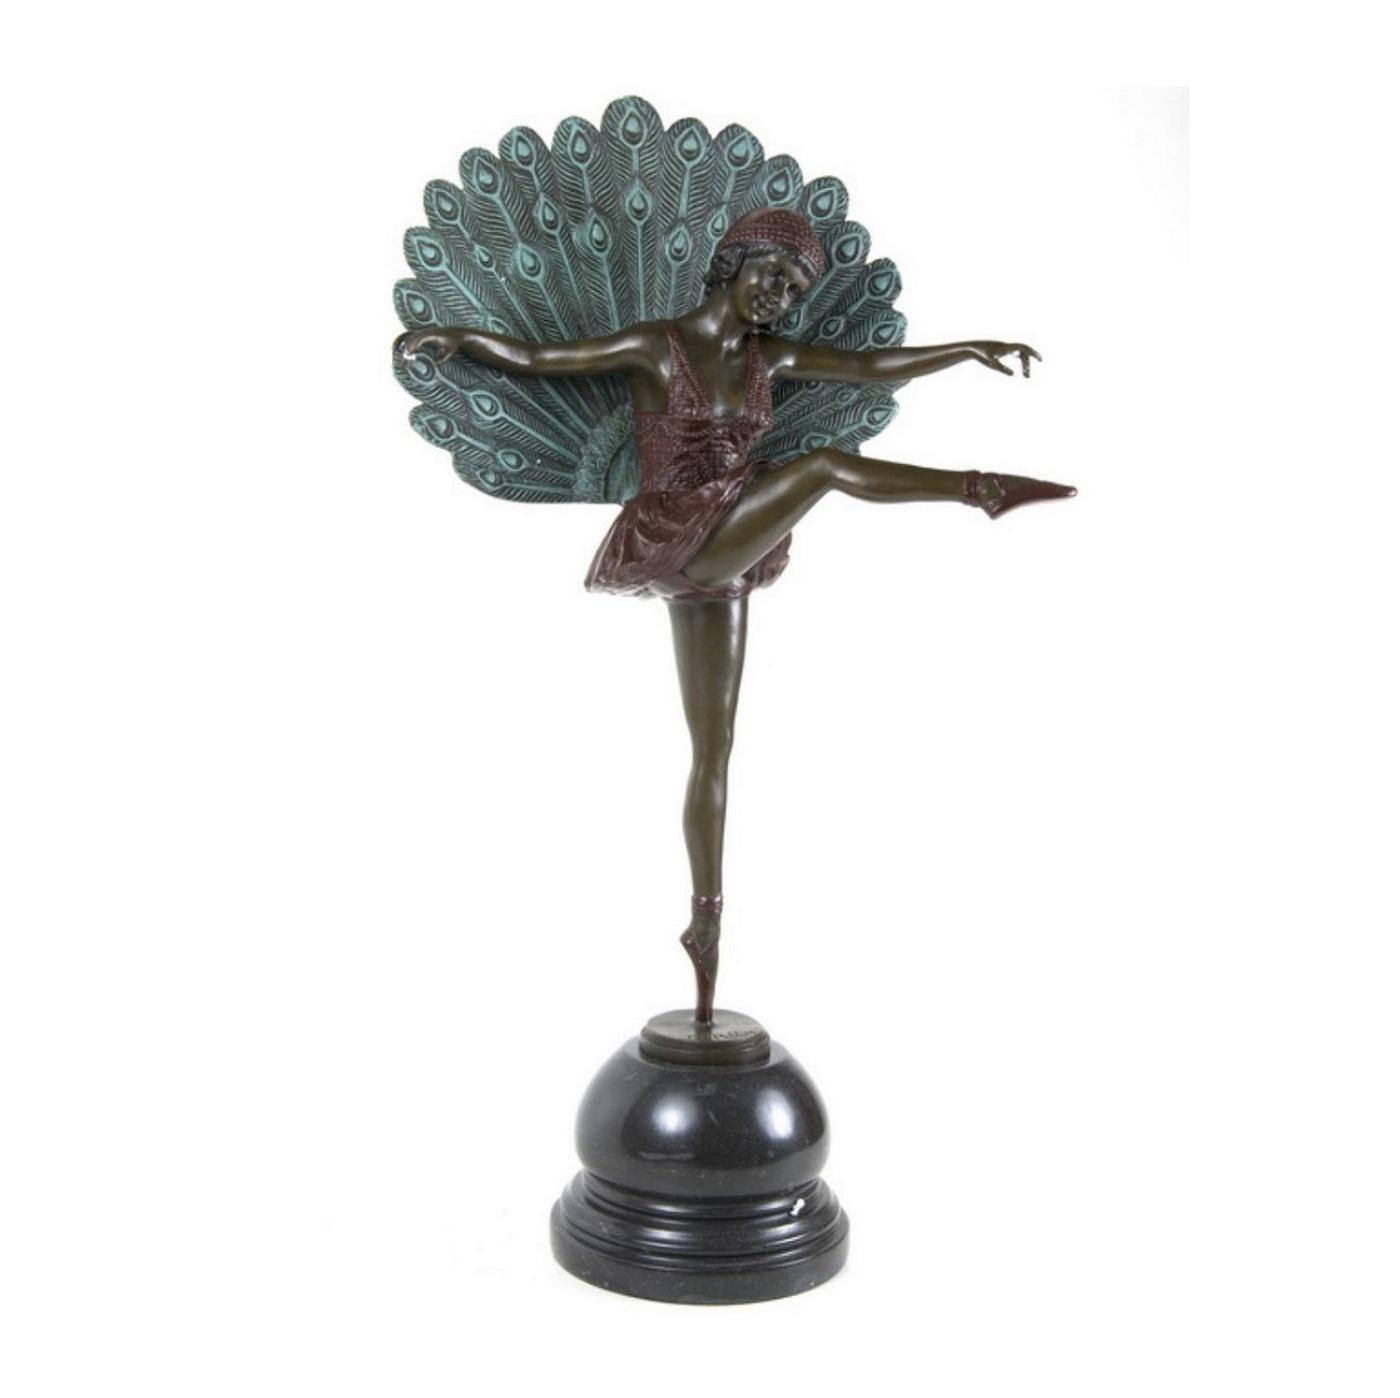 M.PELLIER. Escultura en Bronce, Art-Decó, de figura de Bailarina con plumas. Siglo XX